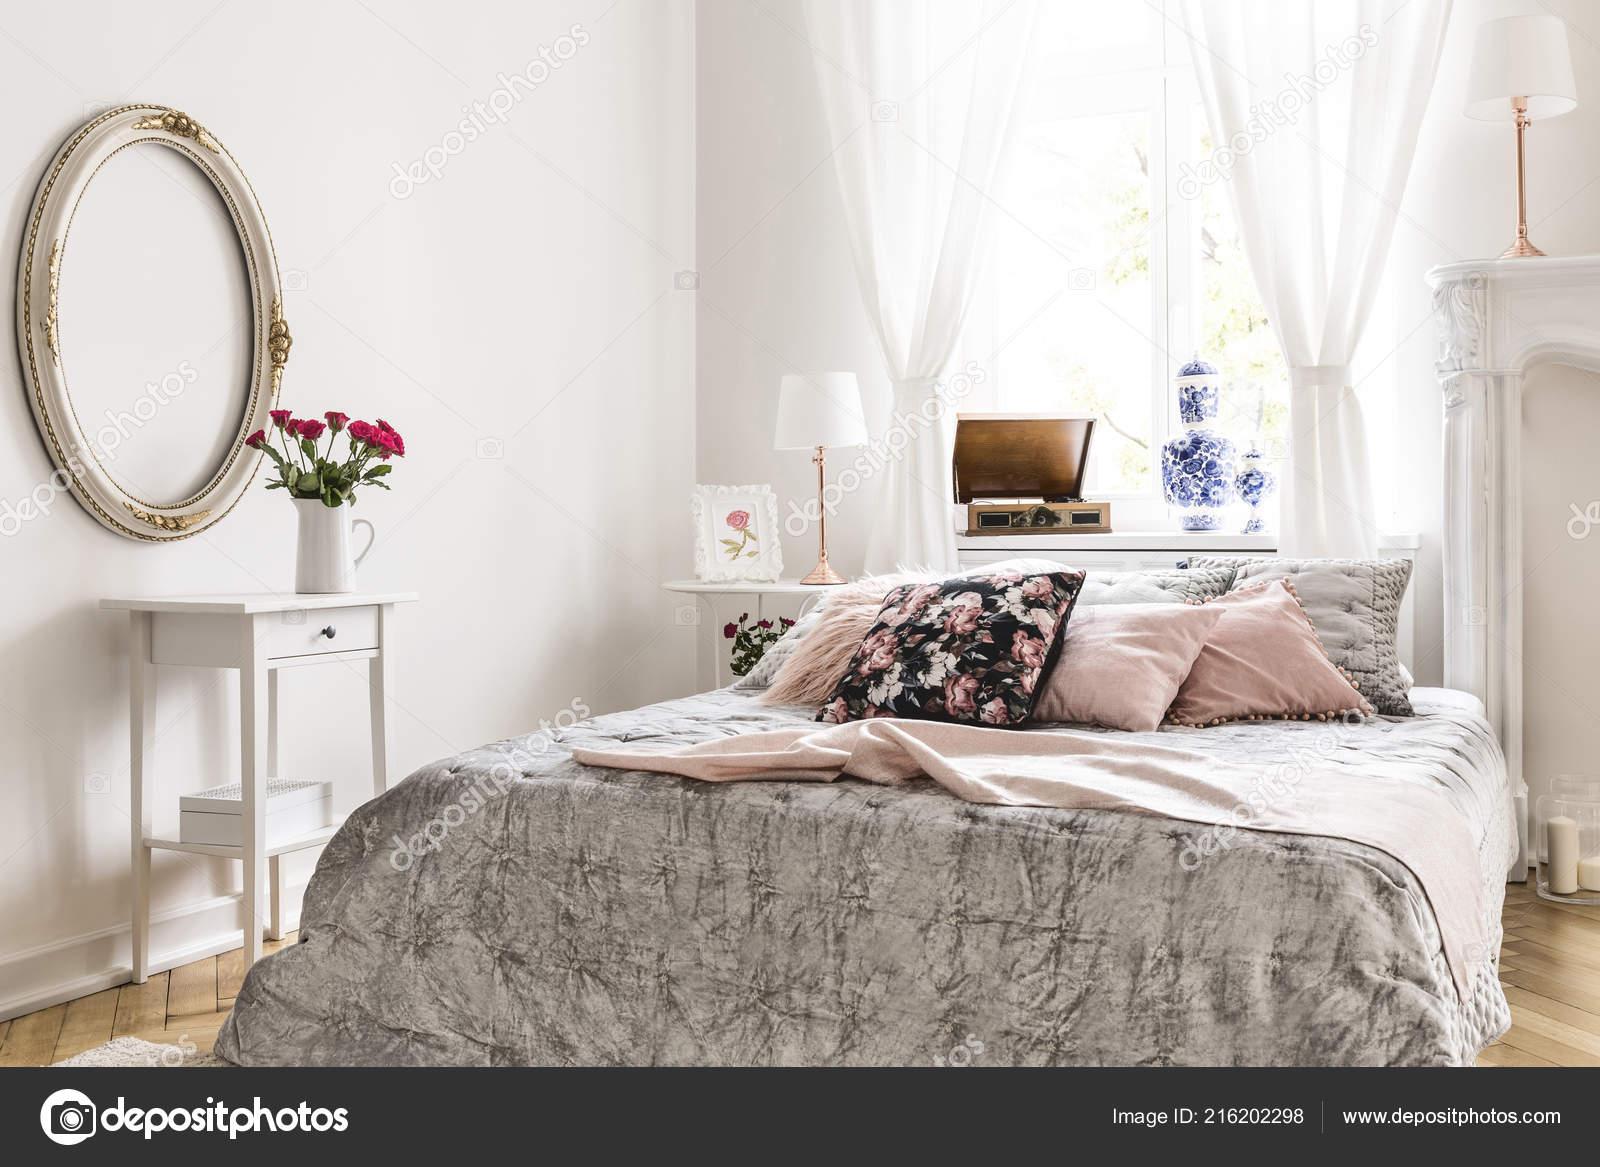 Englisch Style Schlafzimmer Innenraum Mit Bett Mit Leichten Grauen